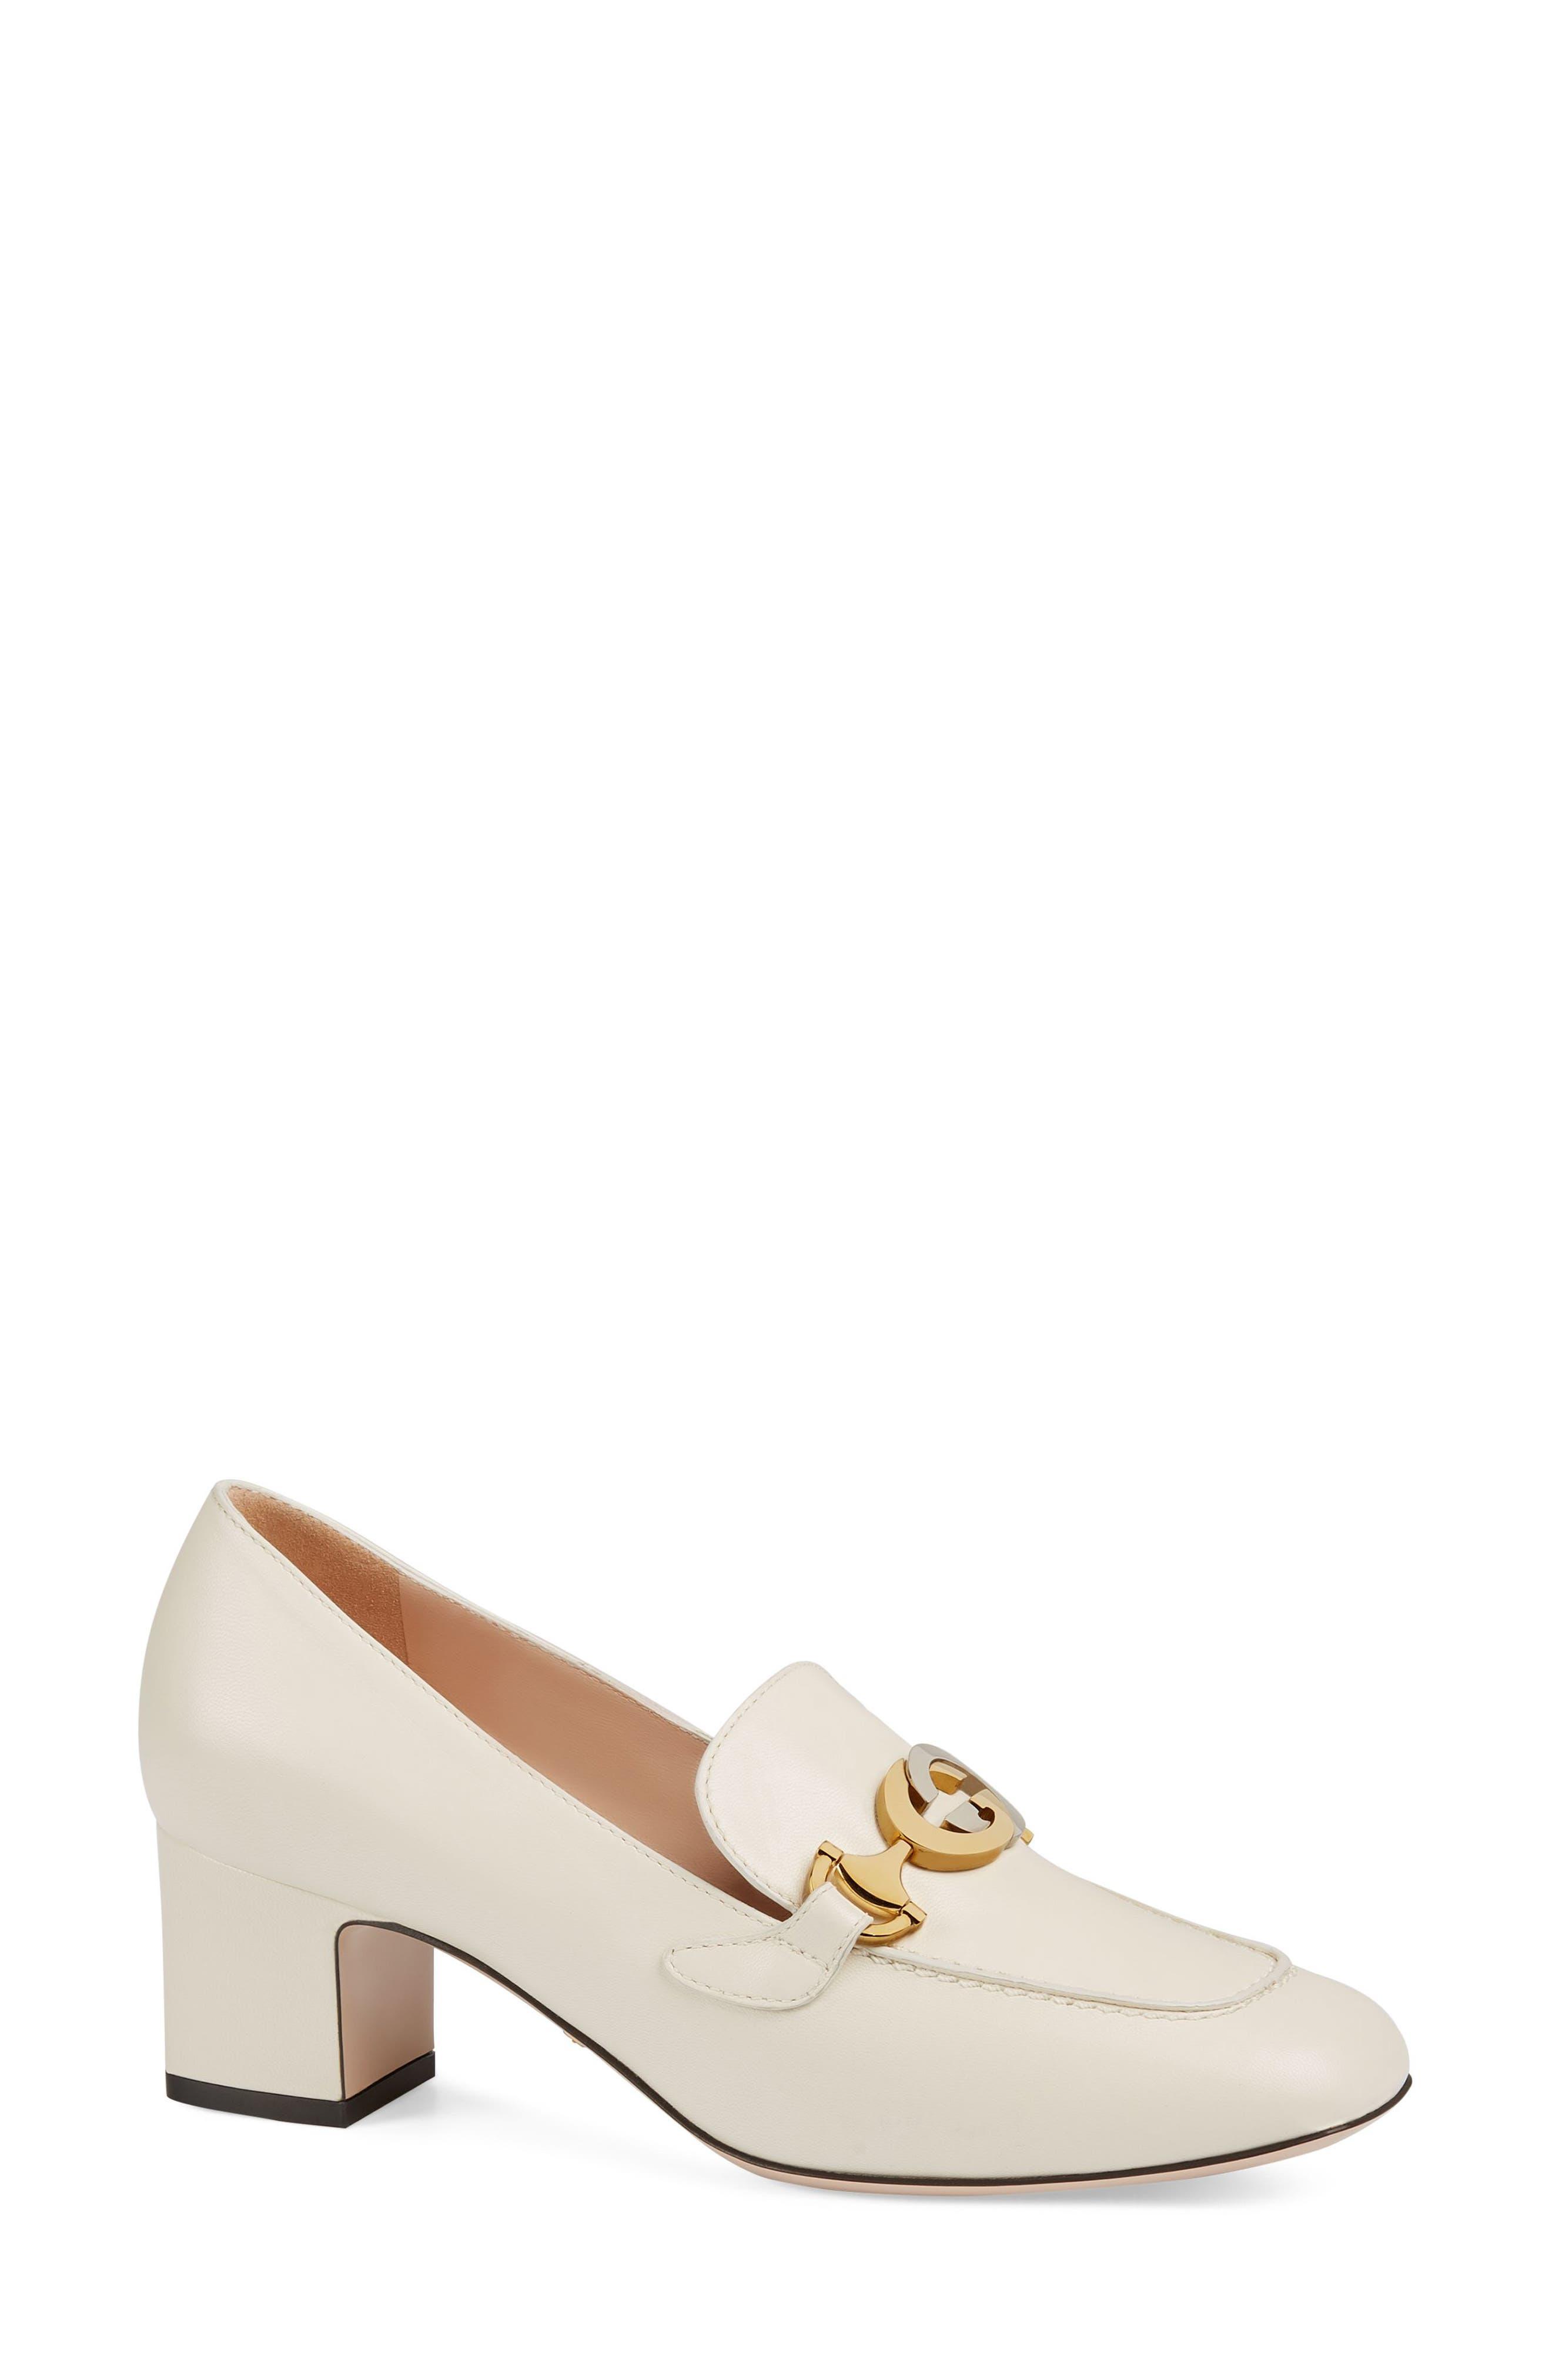 Gucci Zumi Loafer Pump - White